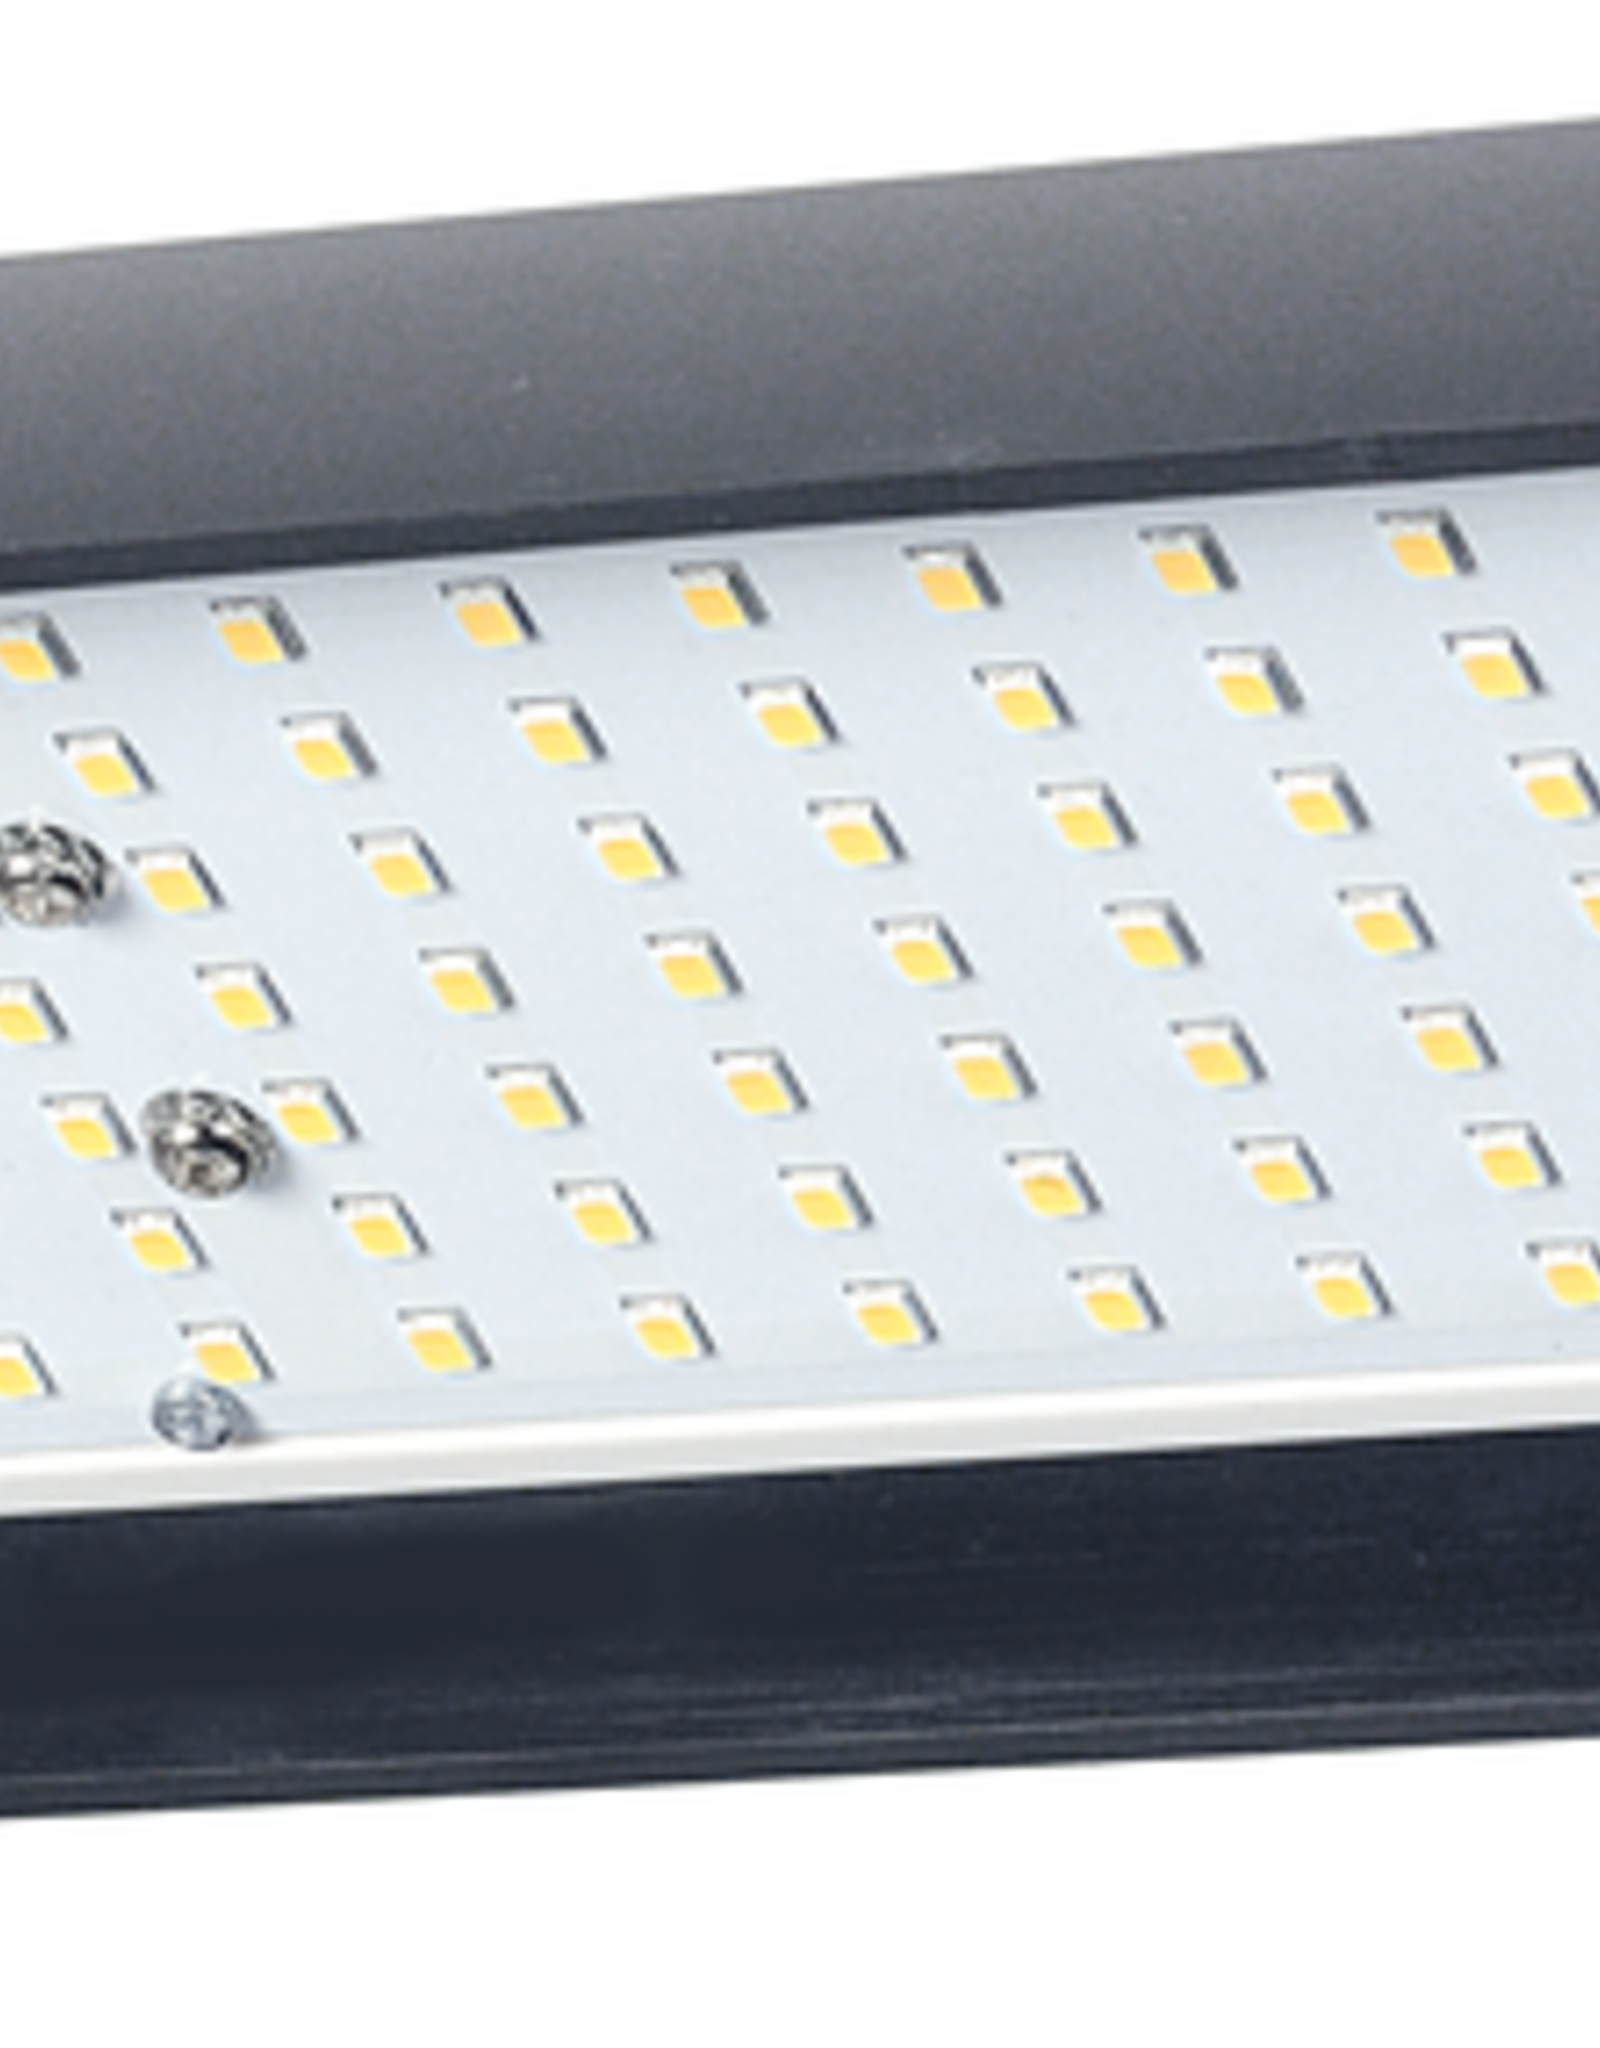 Kaiser Kaiser R1 lighting system -  LED RB 5070 DX2 Lighting Unit